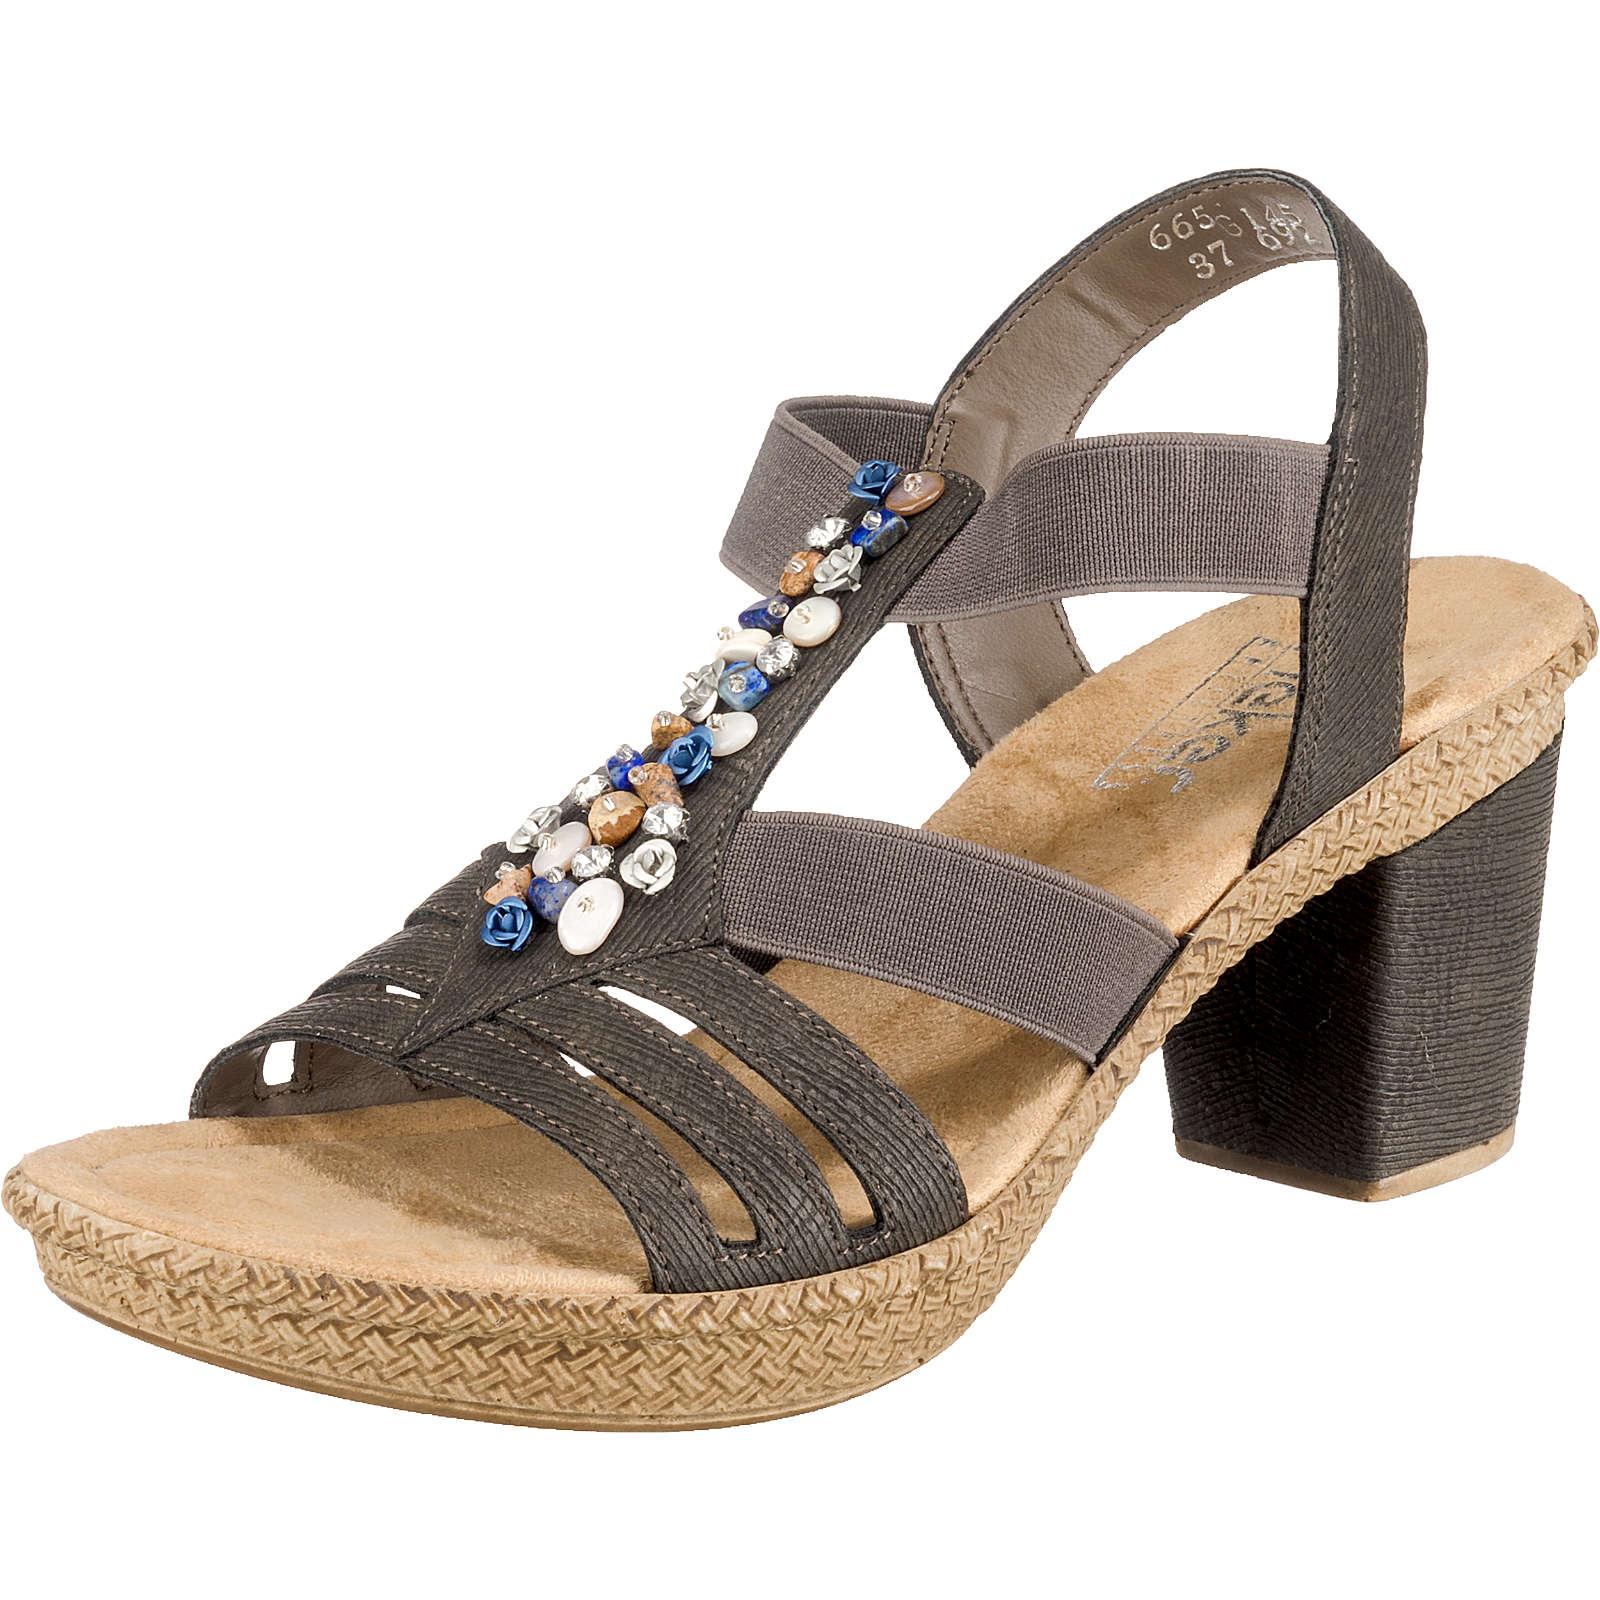 rieker Klassische Sandaletten grau Damen Gr. 36